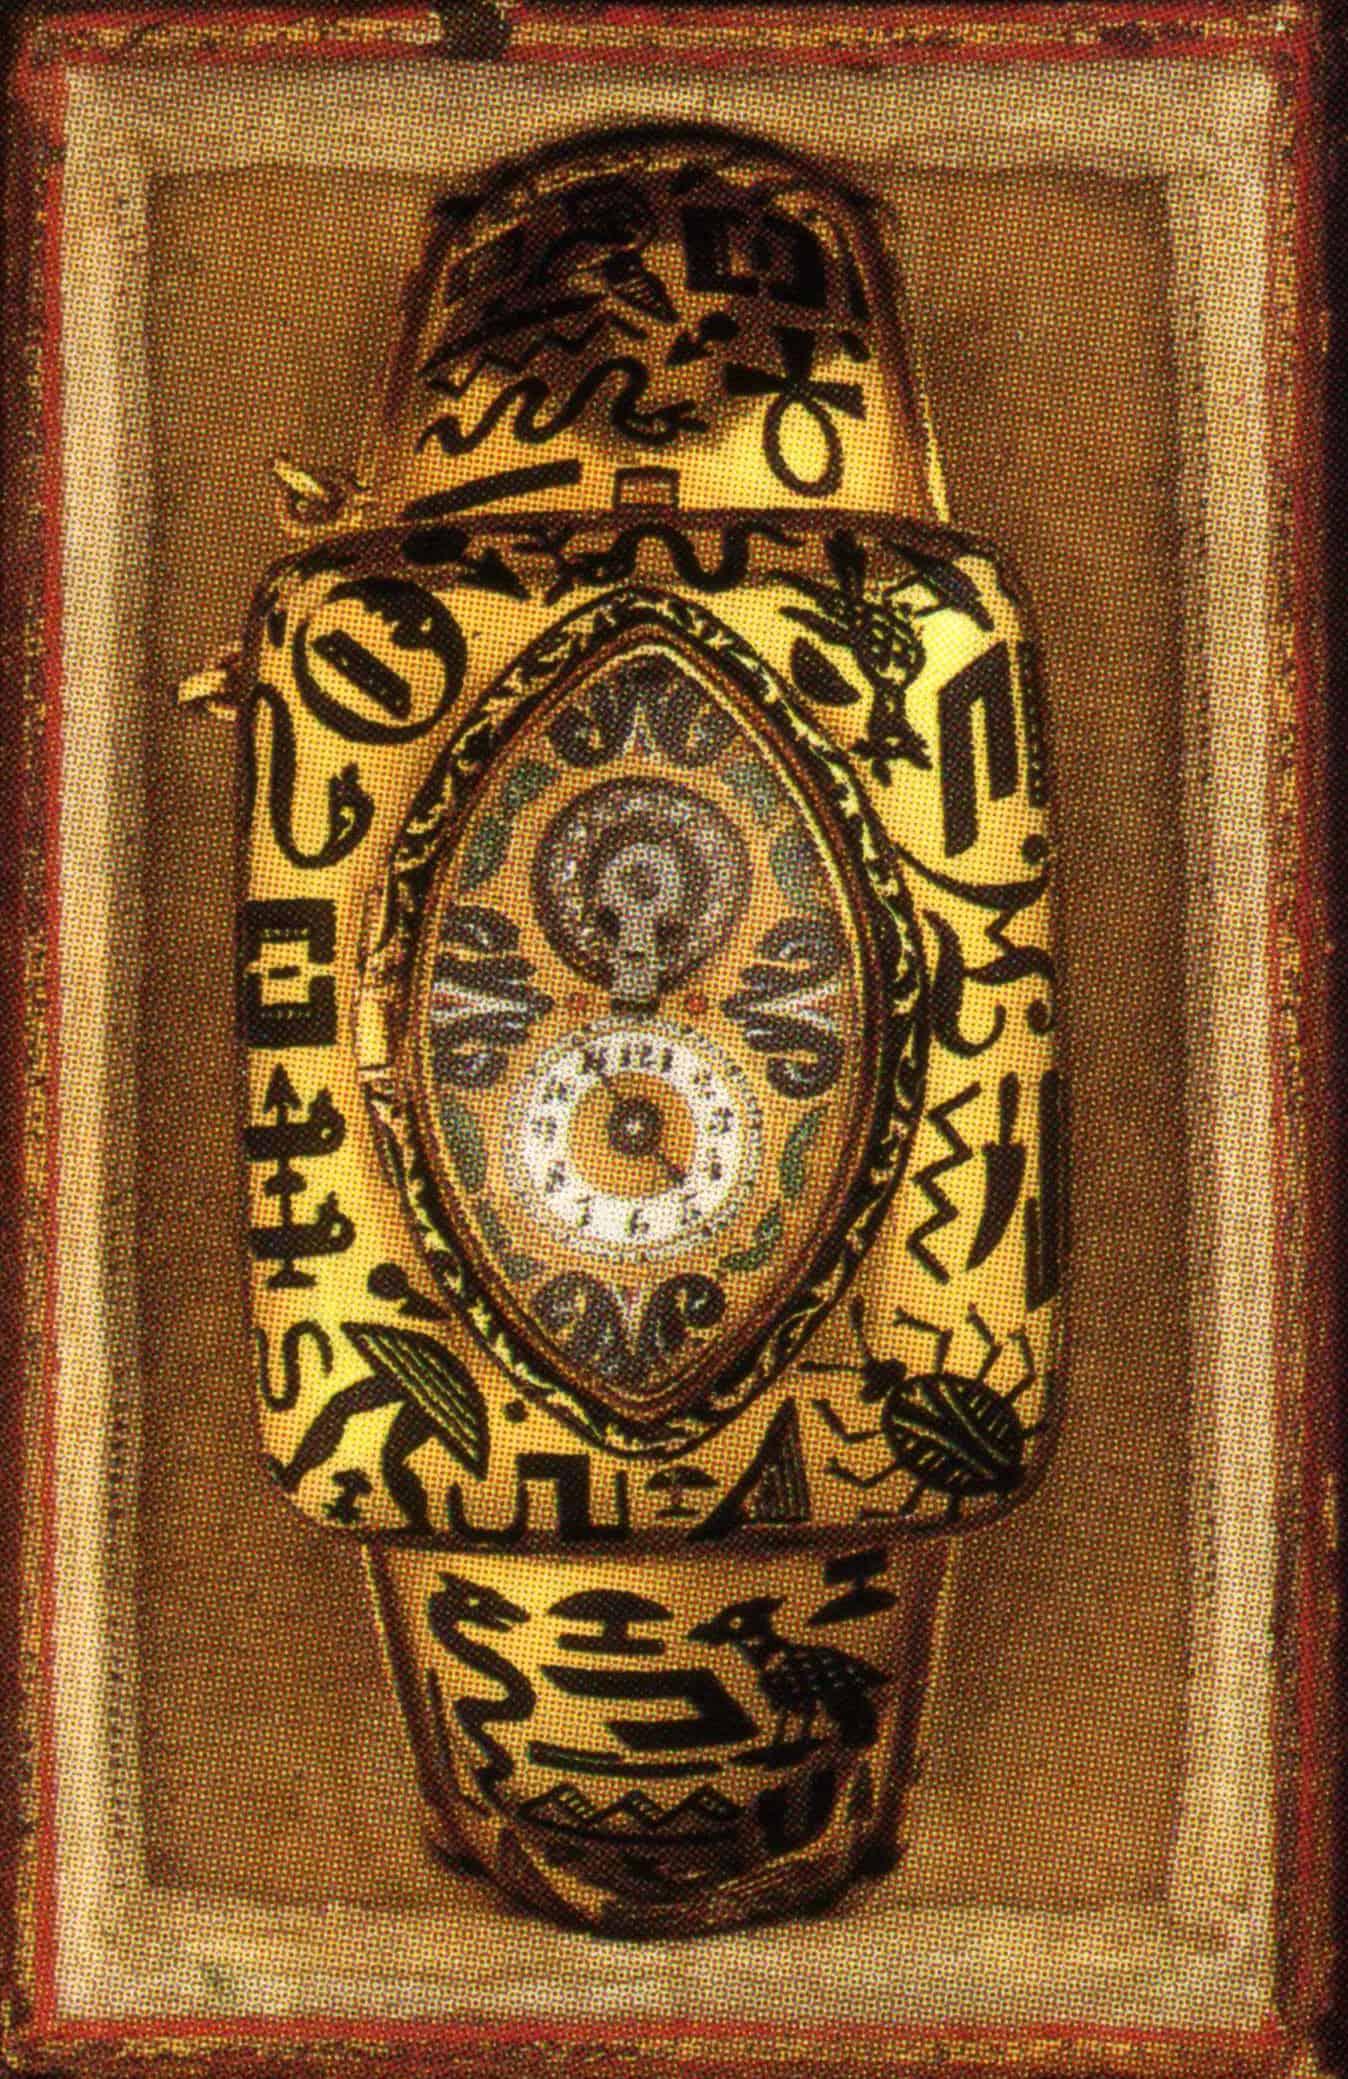 Damenuhr des Uhrmachers Niello mit sichtbarer Unruh Zylinderhemmung von ca 1820